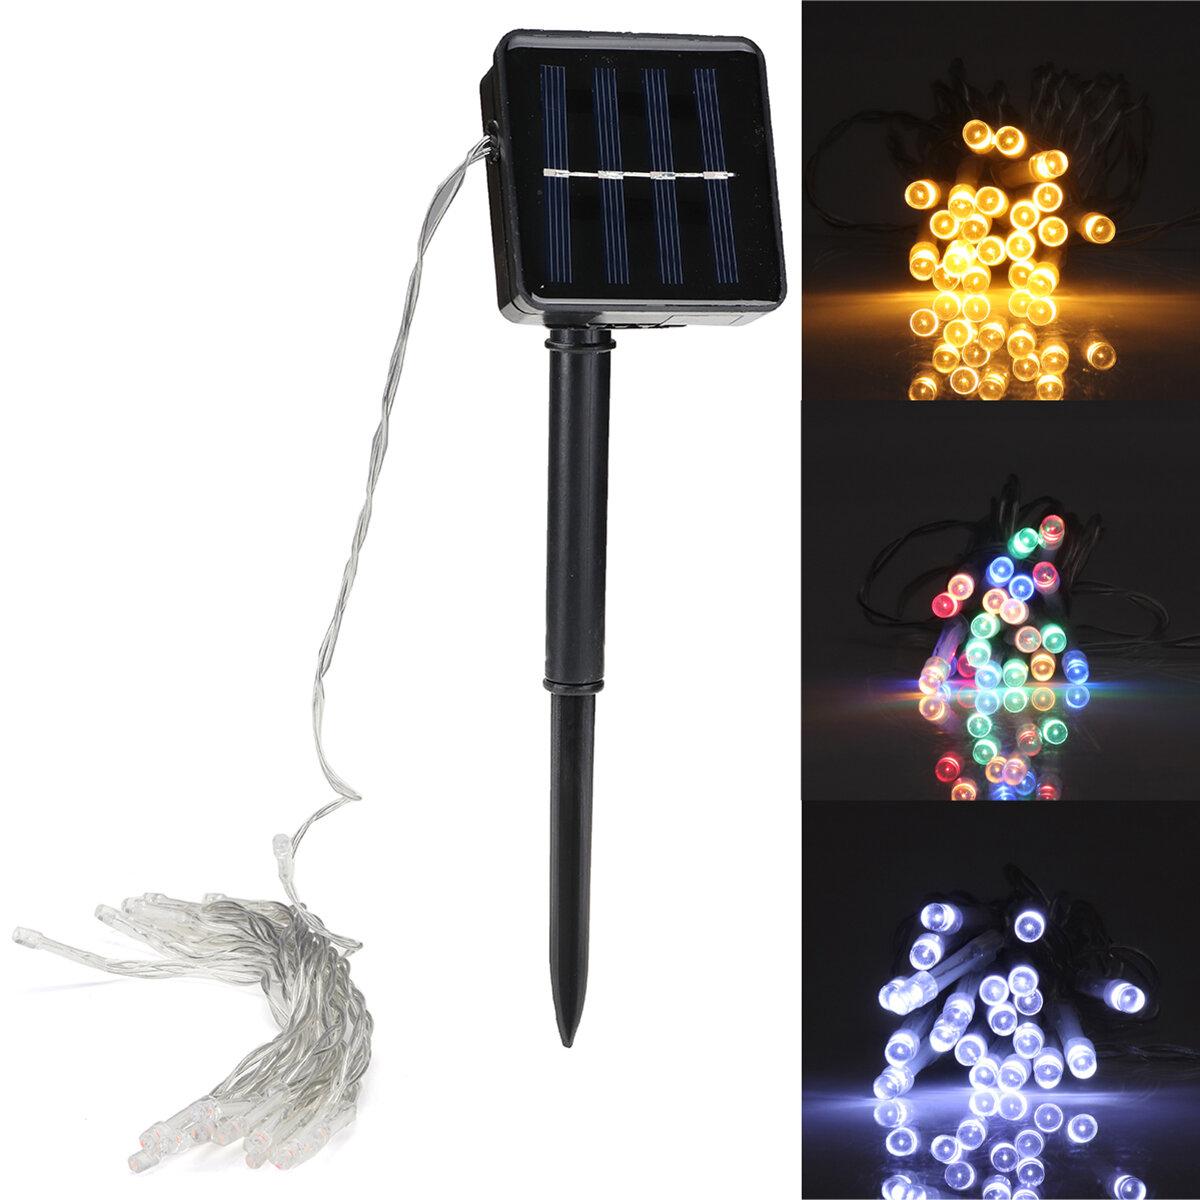 3M 20 LED String Light 8 Modes Солнечная Powered На открытом воздухе Рождественский свет